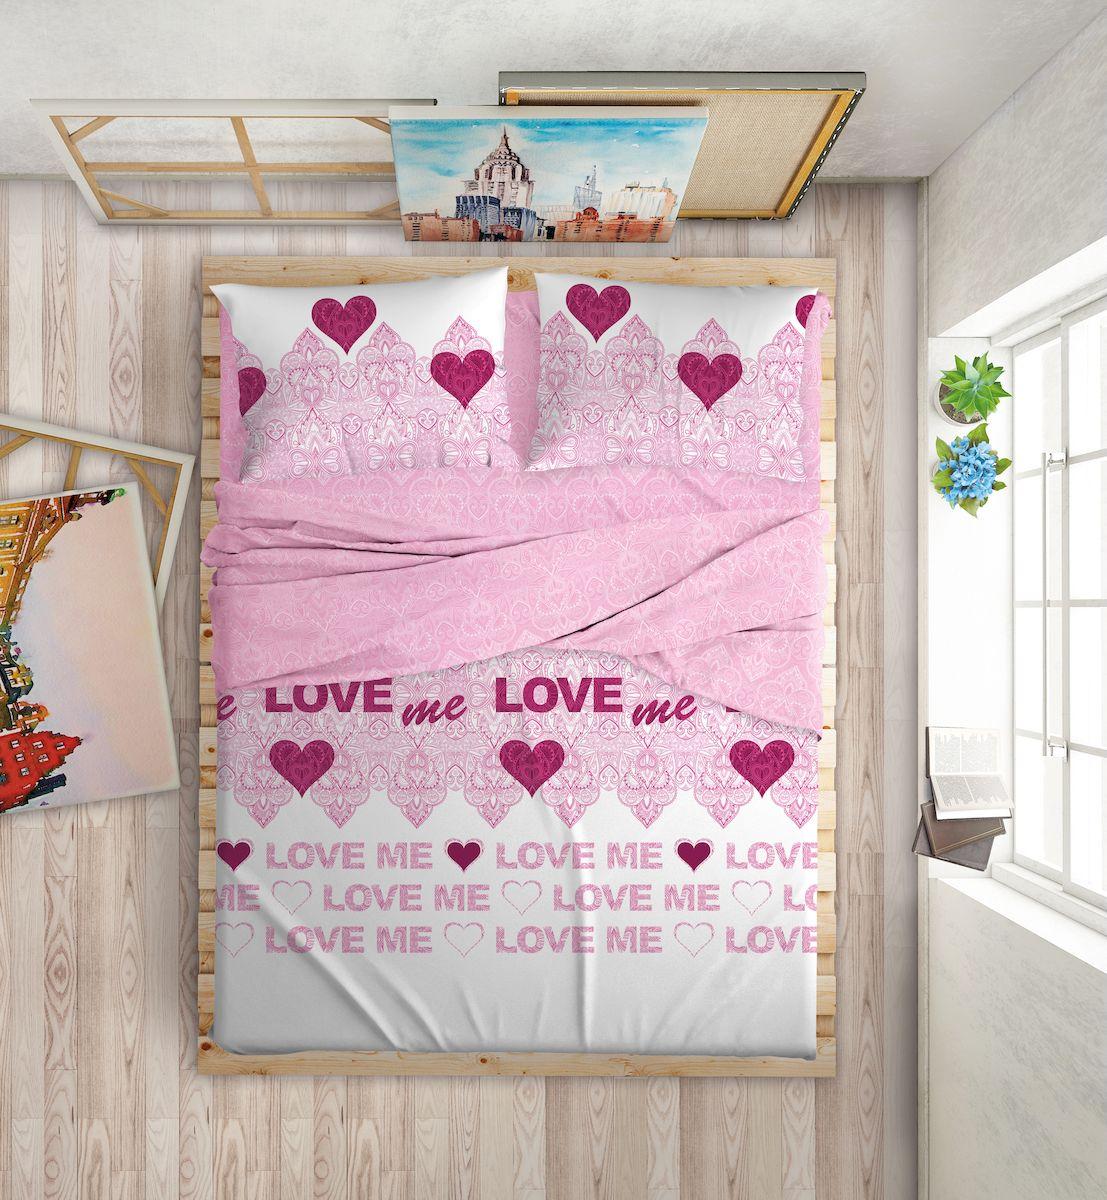 Комплект белья Love Me, 2-спальный, наволочки 50х70, 70х70, цвет: белый, розовый198853Международный бренд для молодых, современных, стильных. Love Me - бренд качественного постельного белья, для молодых людей, создающий ощущение комфорта, защищенности и уюта. При этом - модный, современный, стильный.